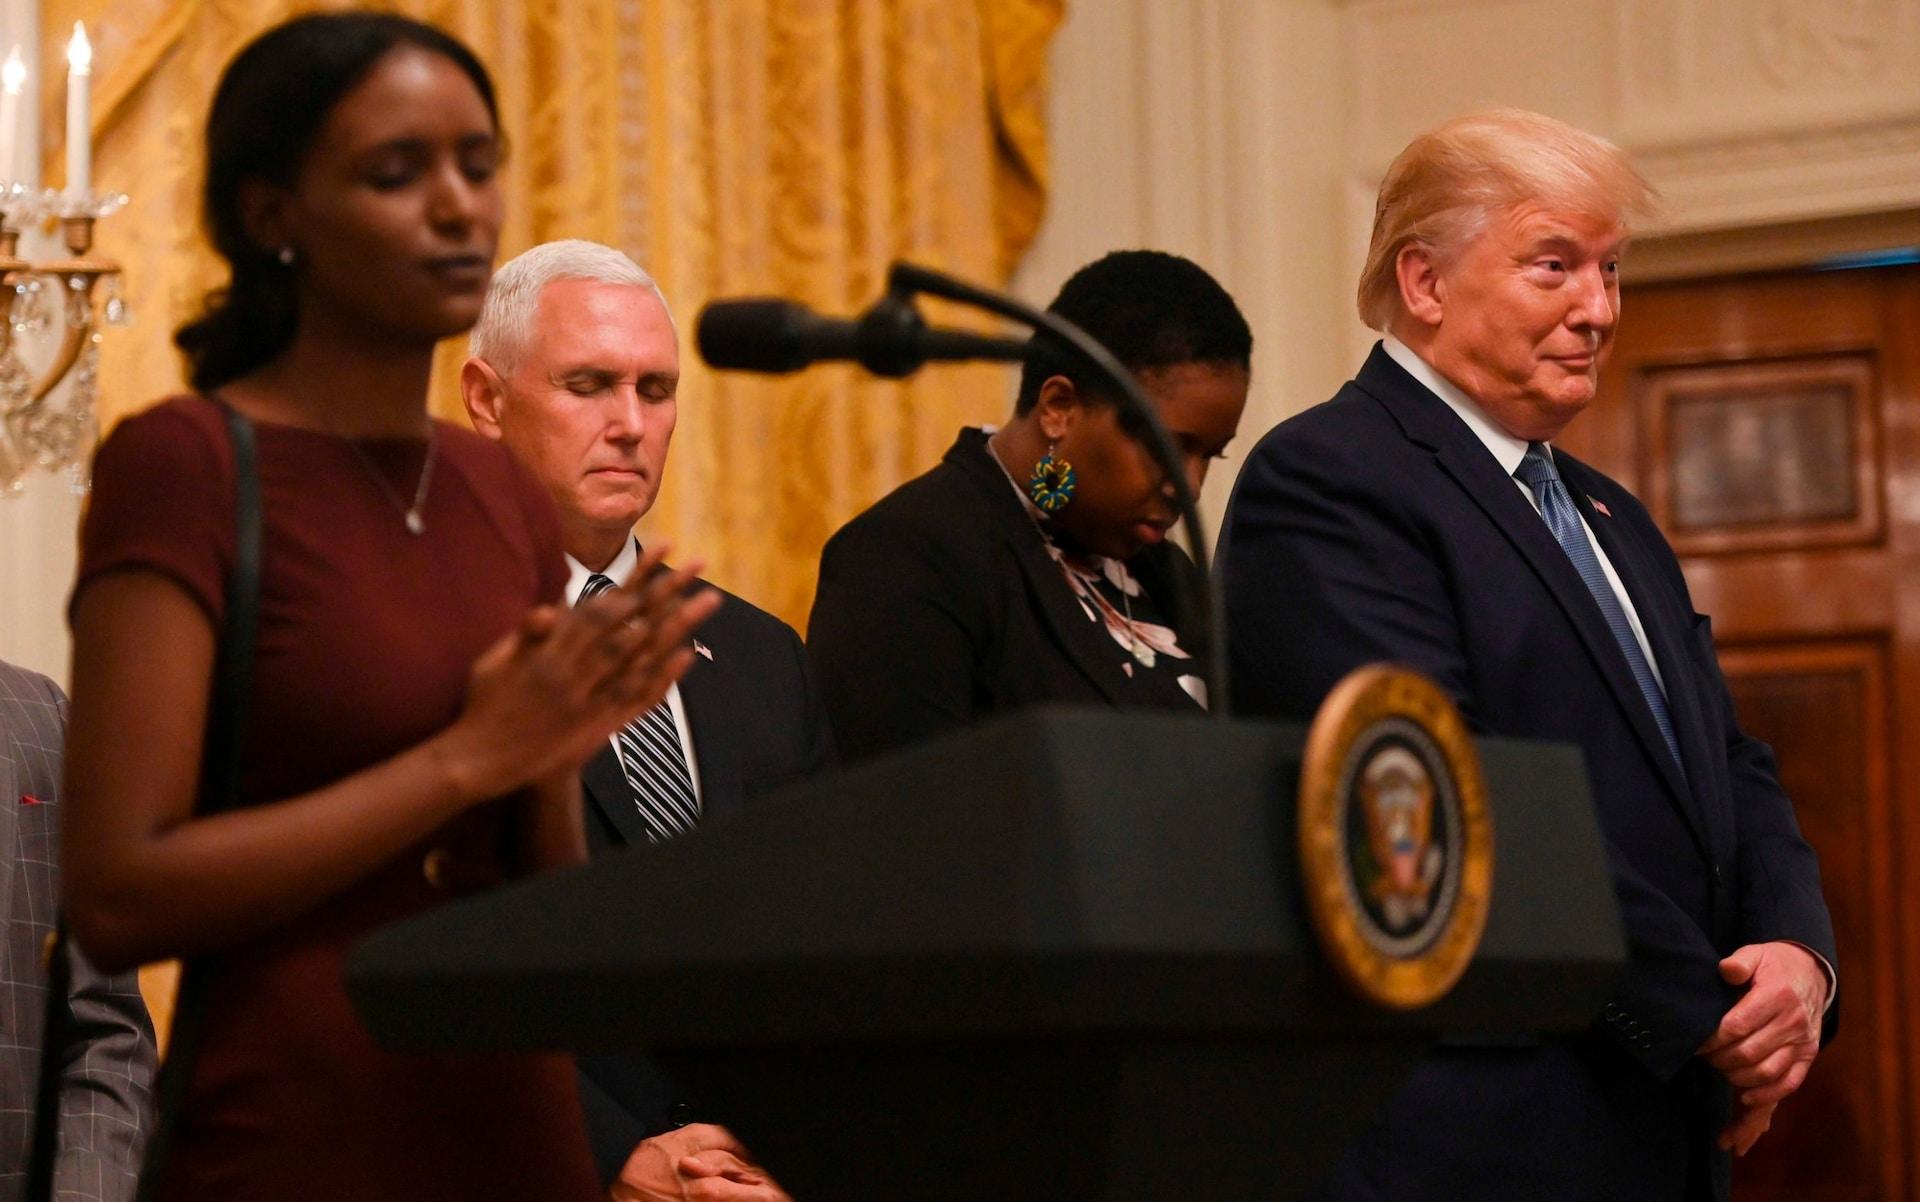 تصاویر روز: از واکنش عجیب ترامپ به دعاخواندن یک سیاهپوست تا رقابتهای کدوتنبلهای غول پیکر در کانادا